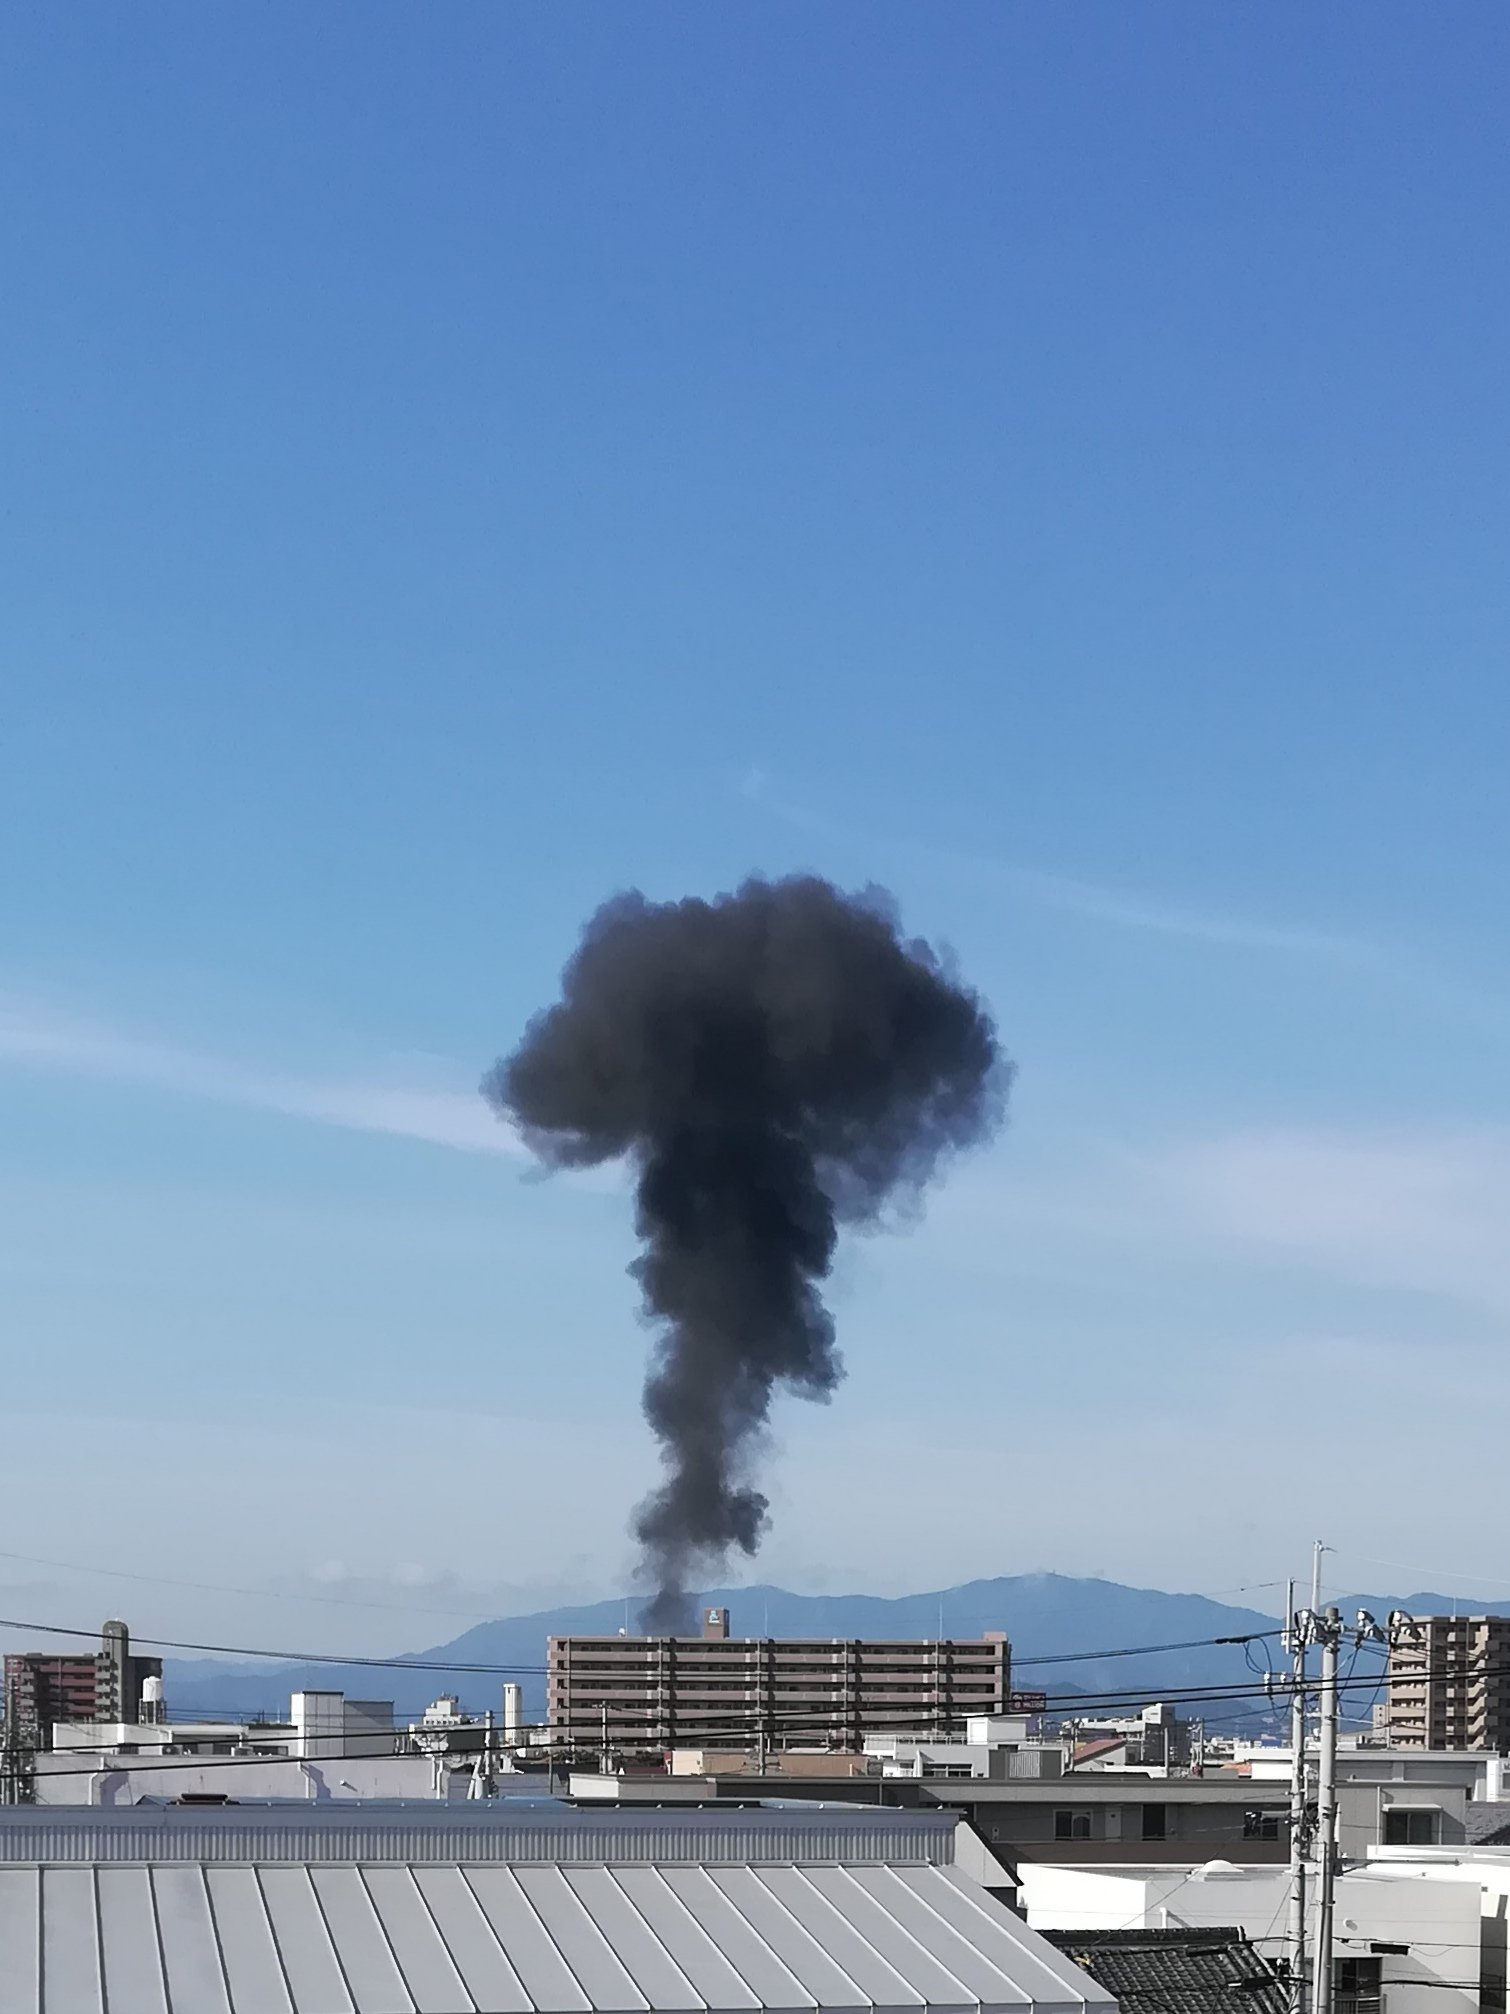 画像,油槽で白煙らしい。怪我された方いなければいいのに#徳島#火災 https://t.co/kLhiygkjBl。